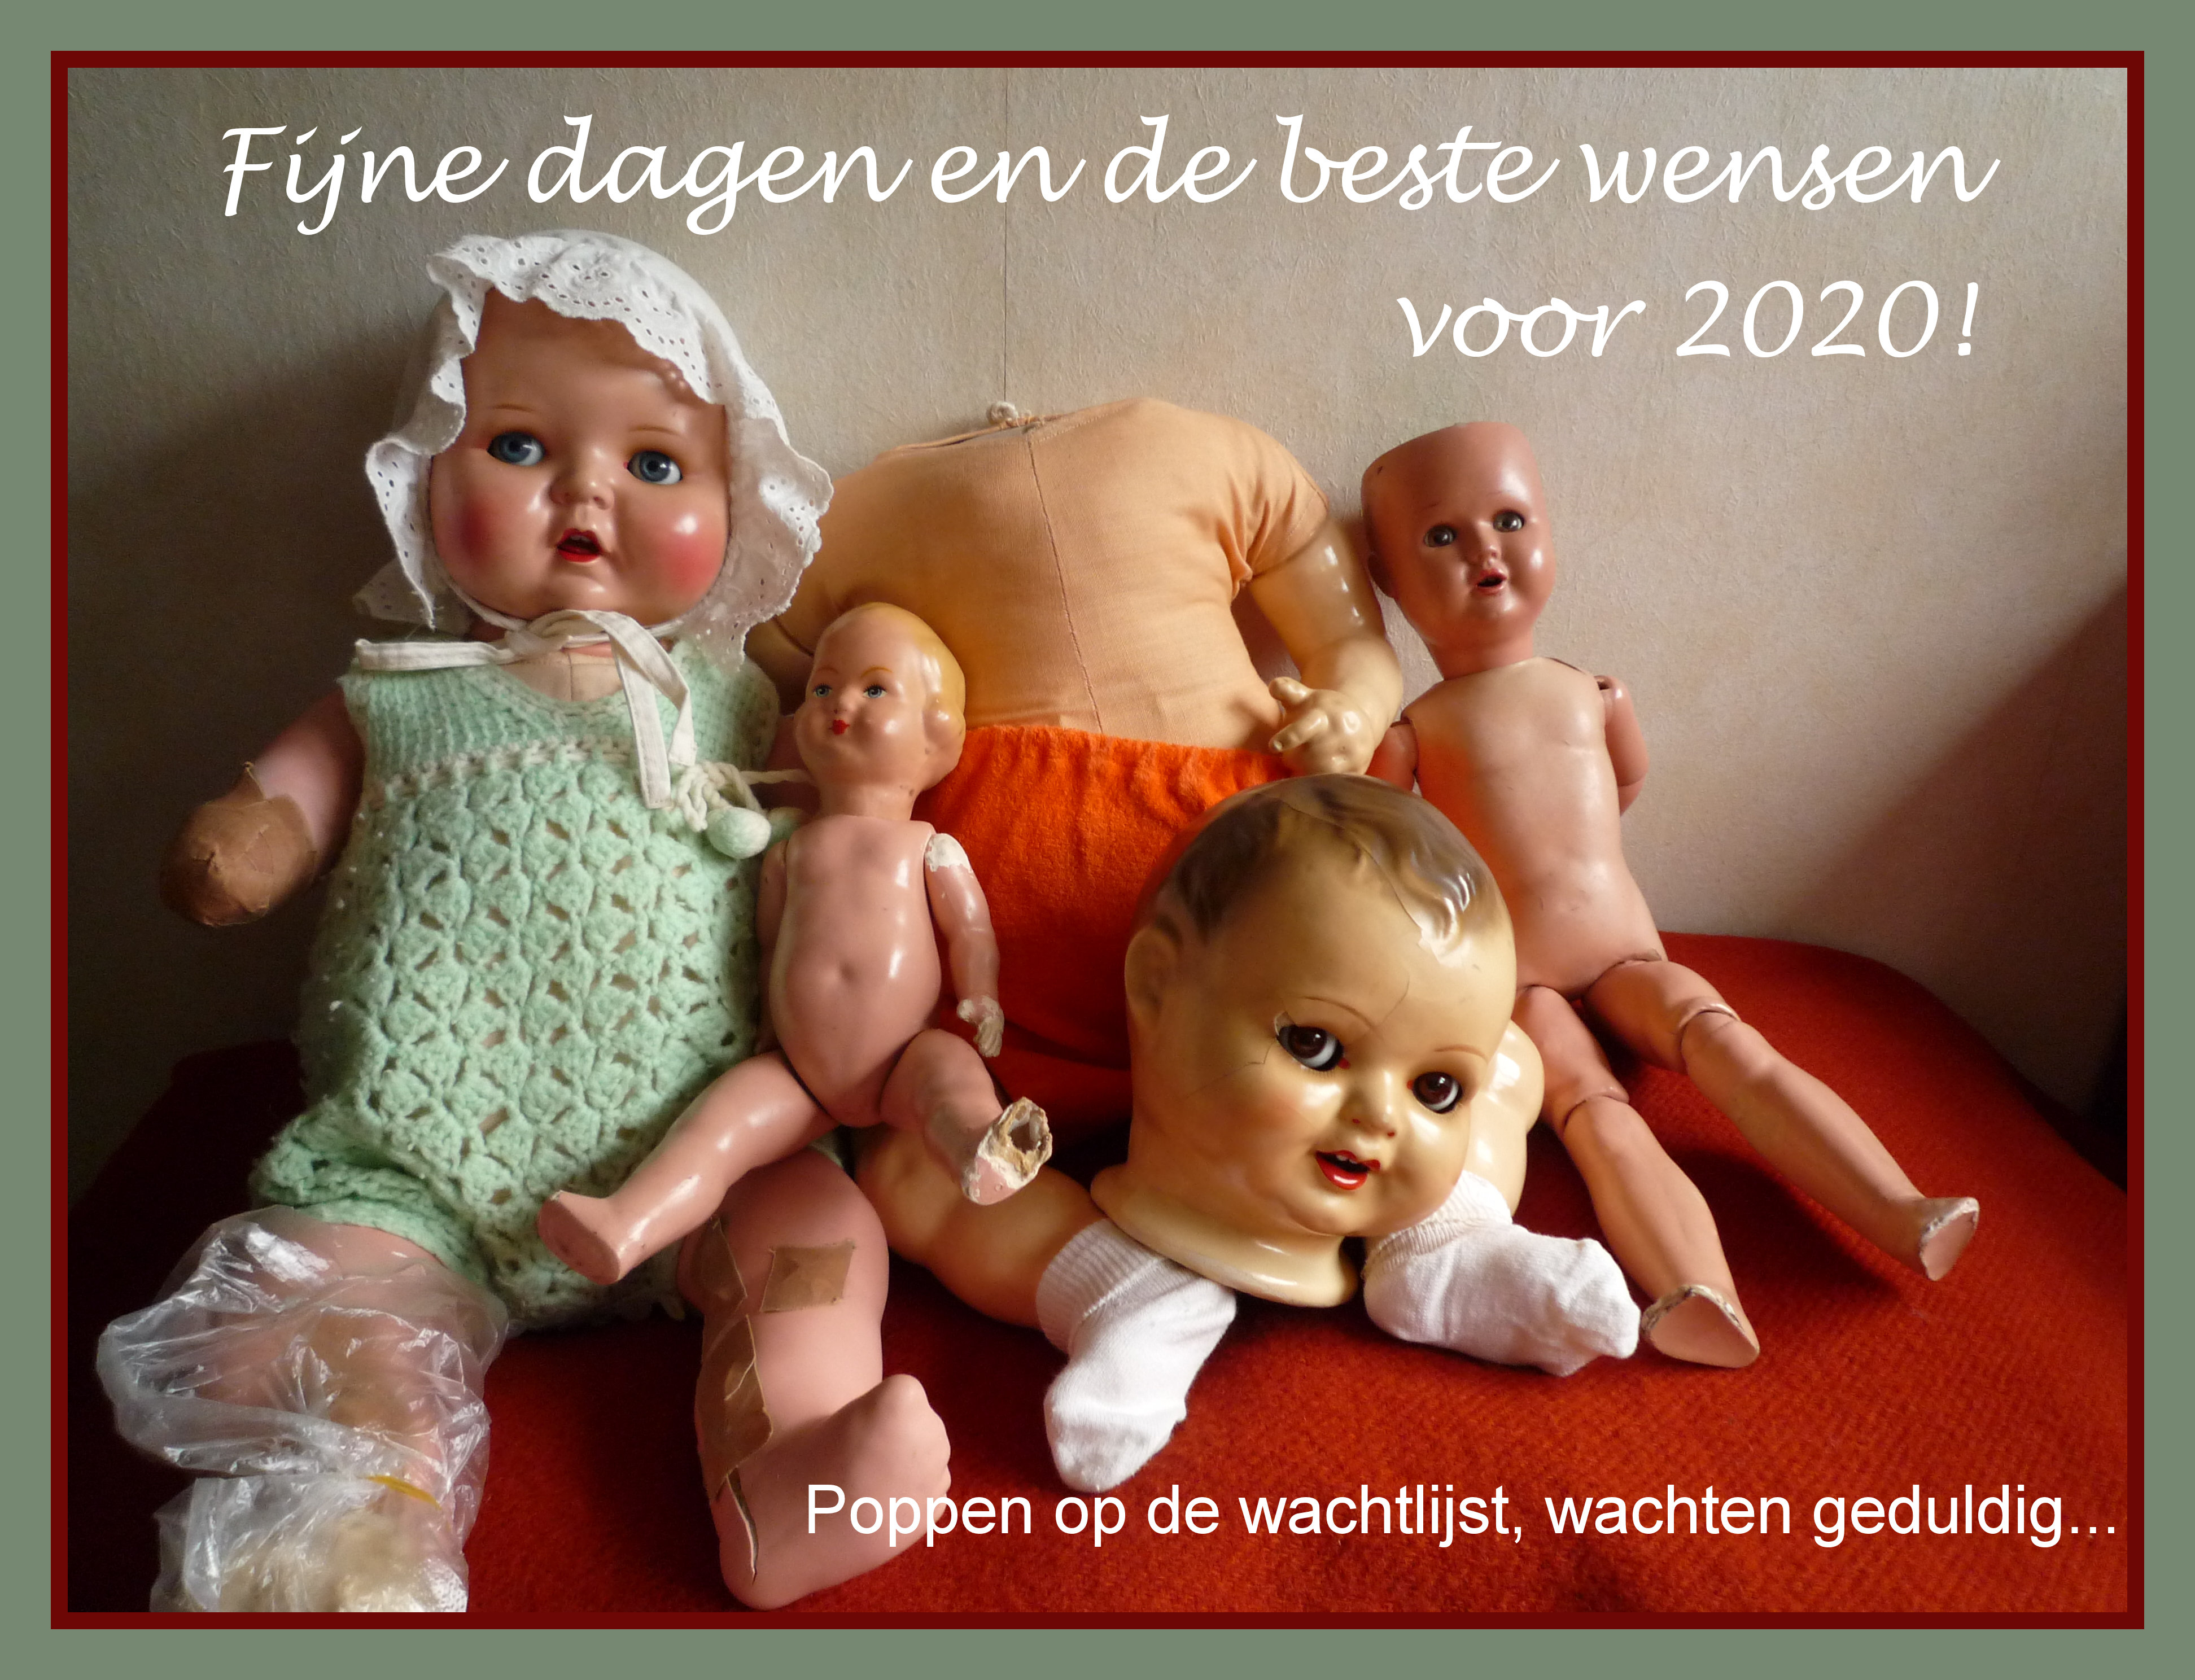 https://welkepopisdat.nl/afbeeldingen-Forum/DurvinaFotos/Poppen%20nieuwjaarskaart.JPG